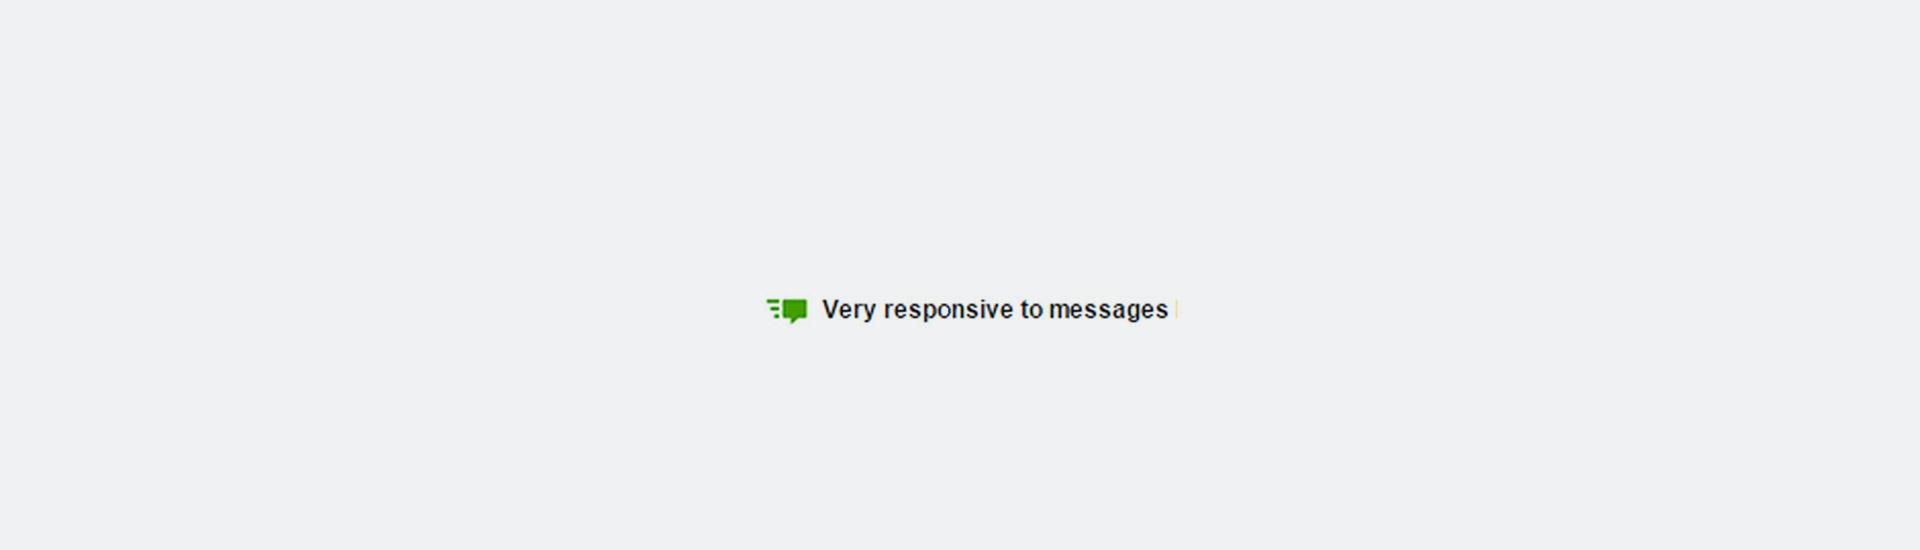 Δείκτης απόκρισης σελίδων στο Facebook